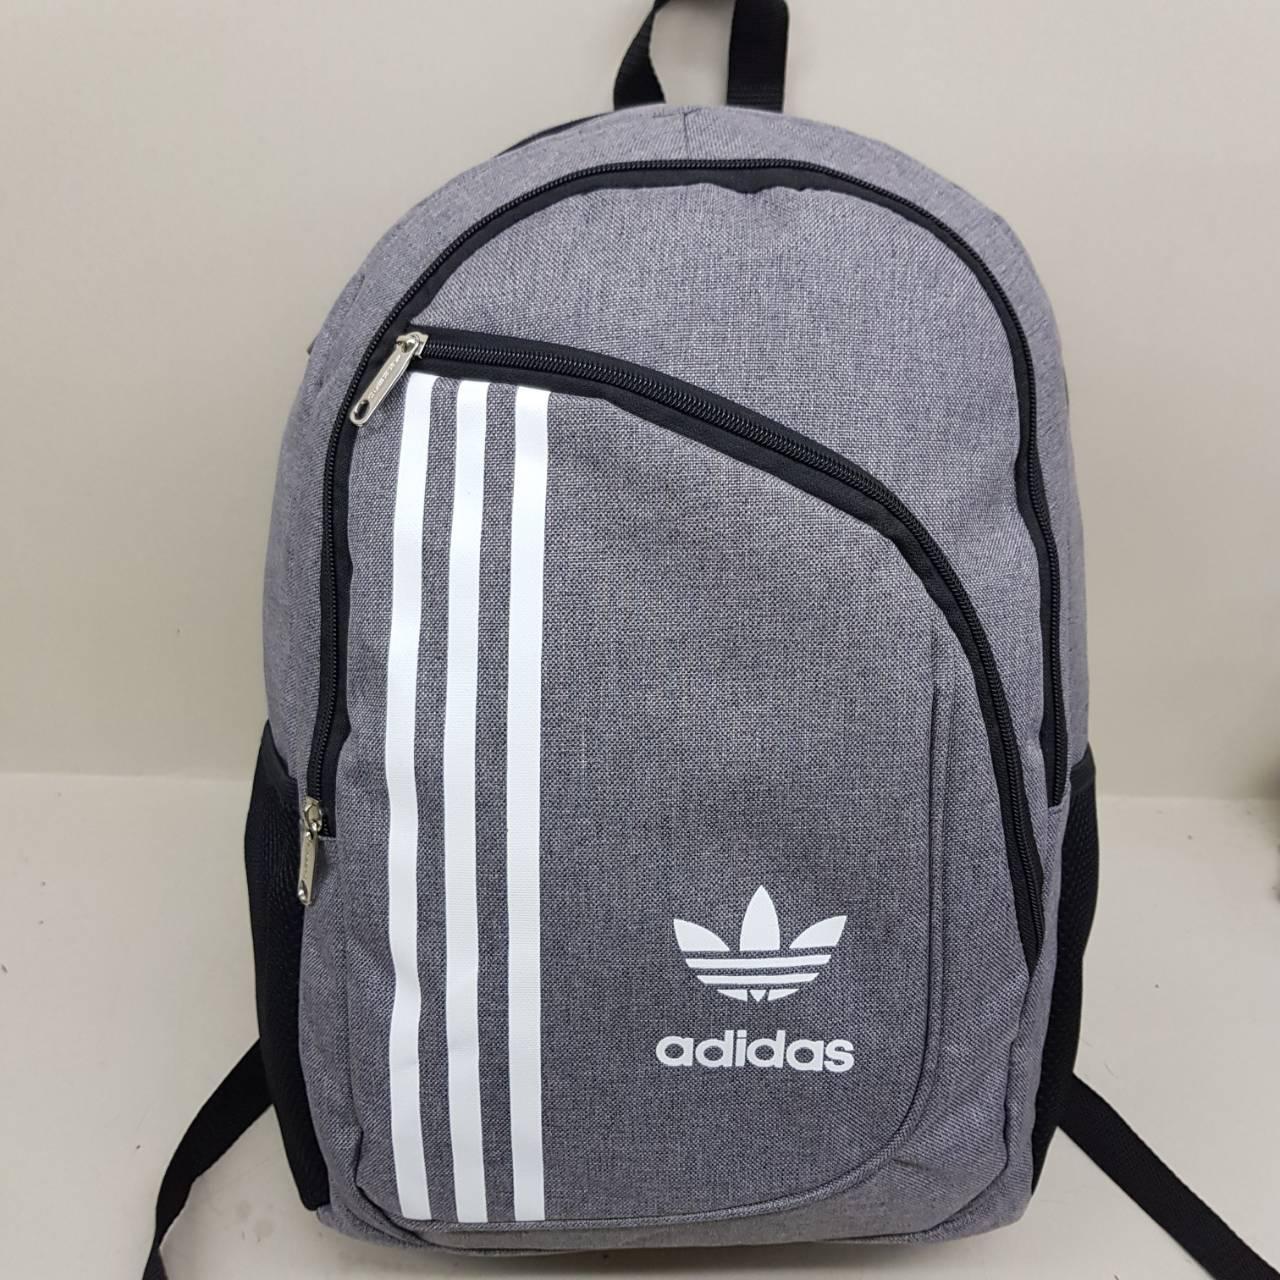 4e3cb672a522 Спортивный городской рюкзак Adidas серый на два отделения Адидас мужской  женский - Манчестер в Харькове